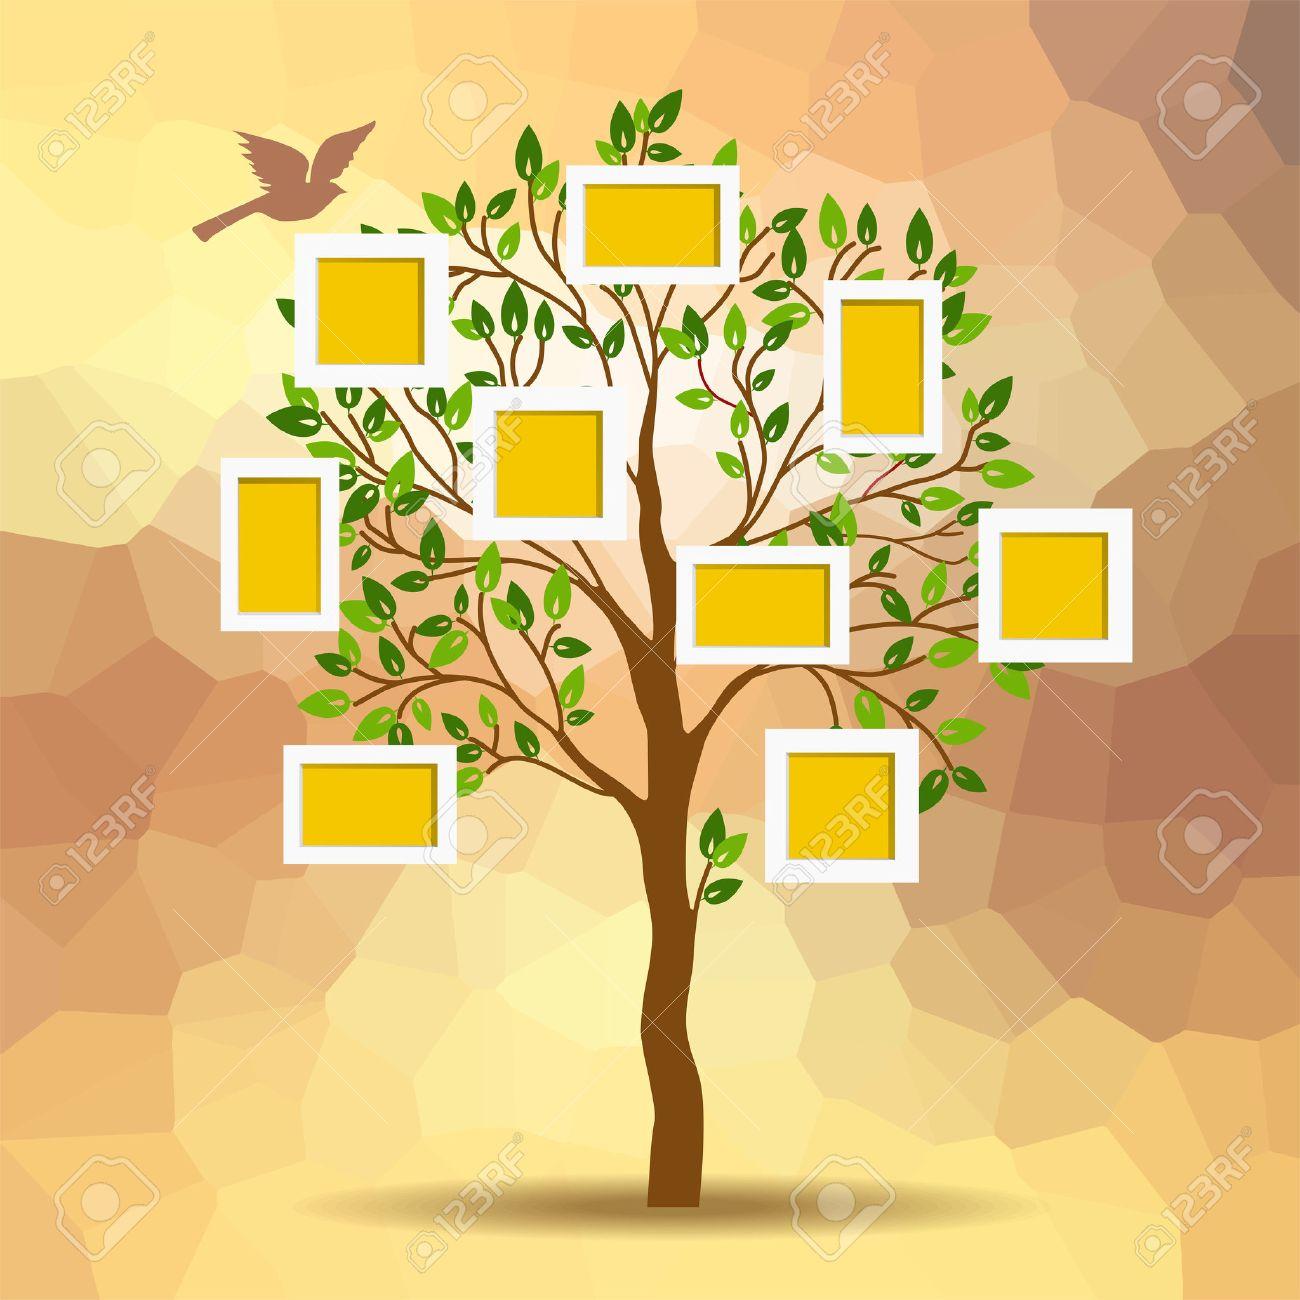 Diseño Del árbol De Familia, Insertar Fotos En Marcos Ilustraciones ...